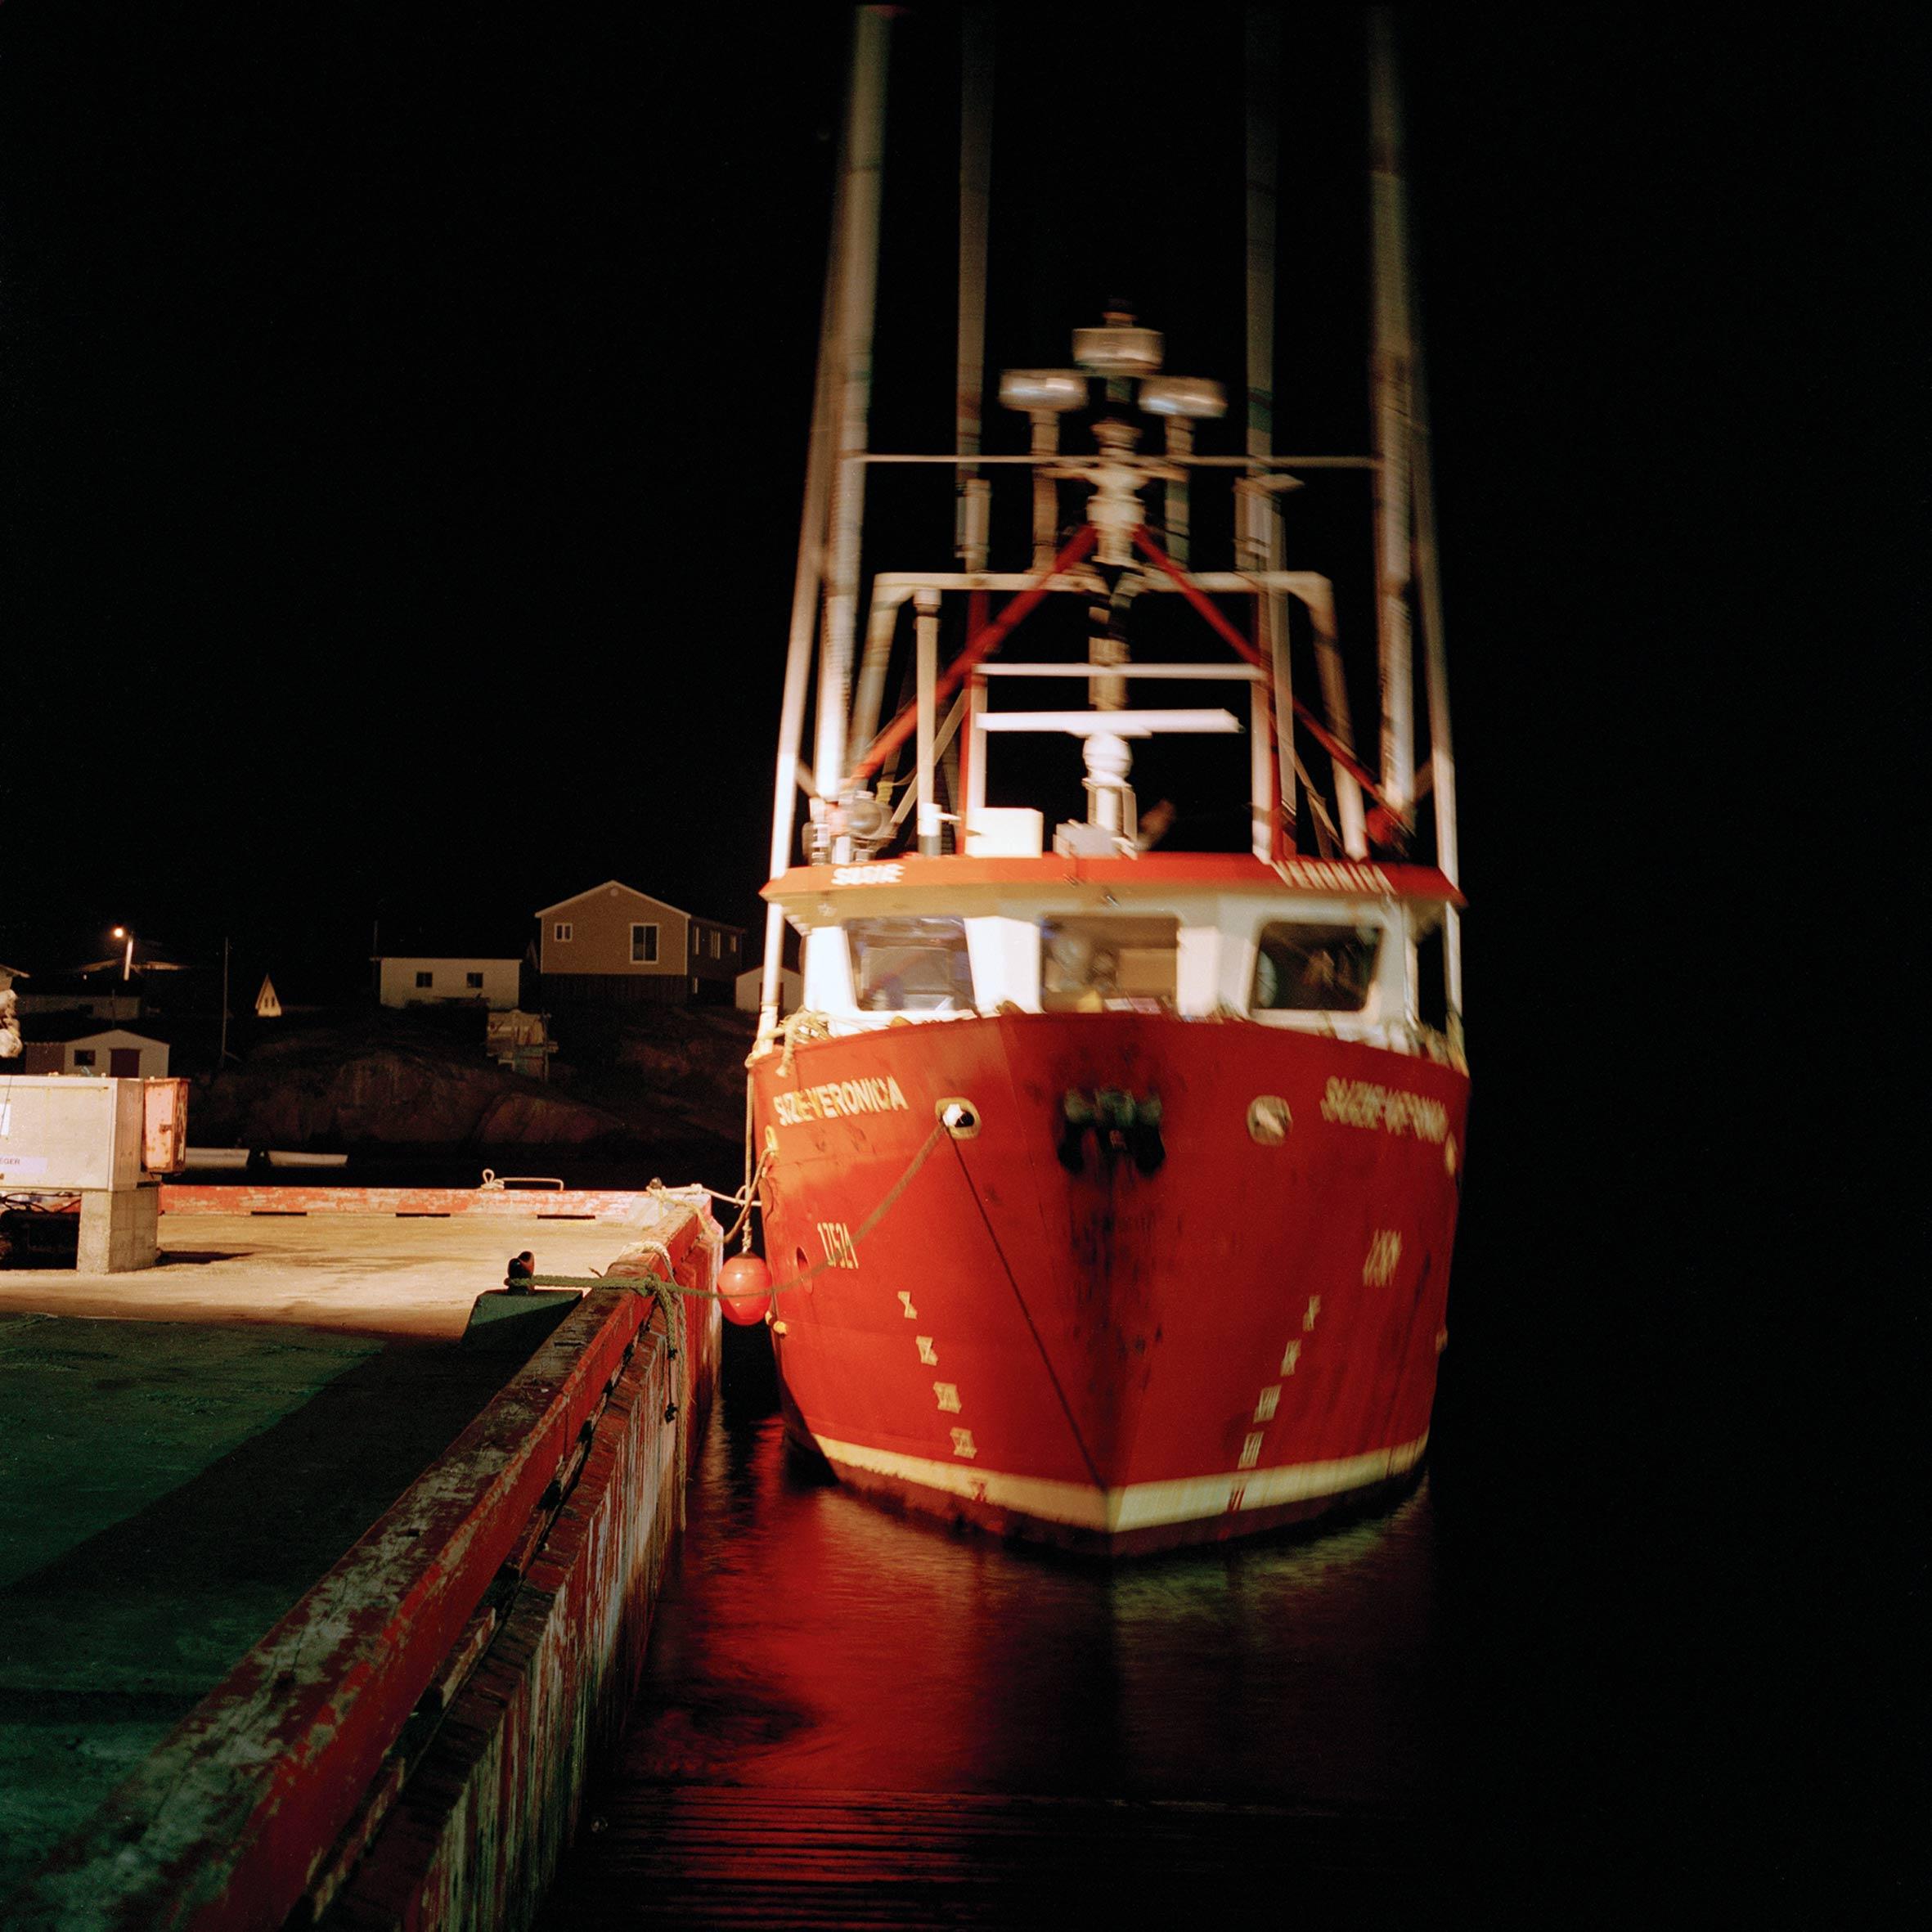 marcher créer, périple autobiographique, territoire du Labrador au Québec, paysage, bateau, port, paysage de nuit